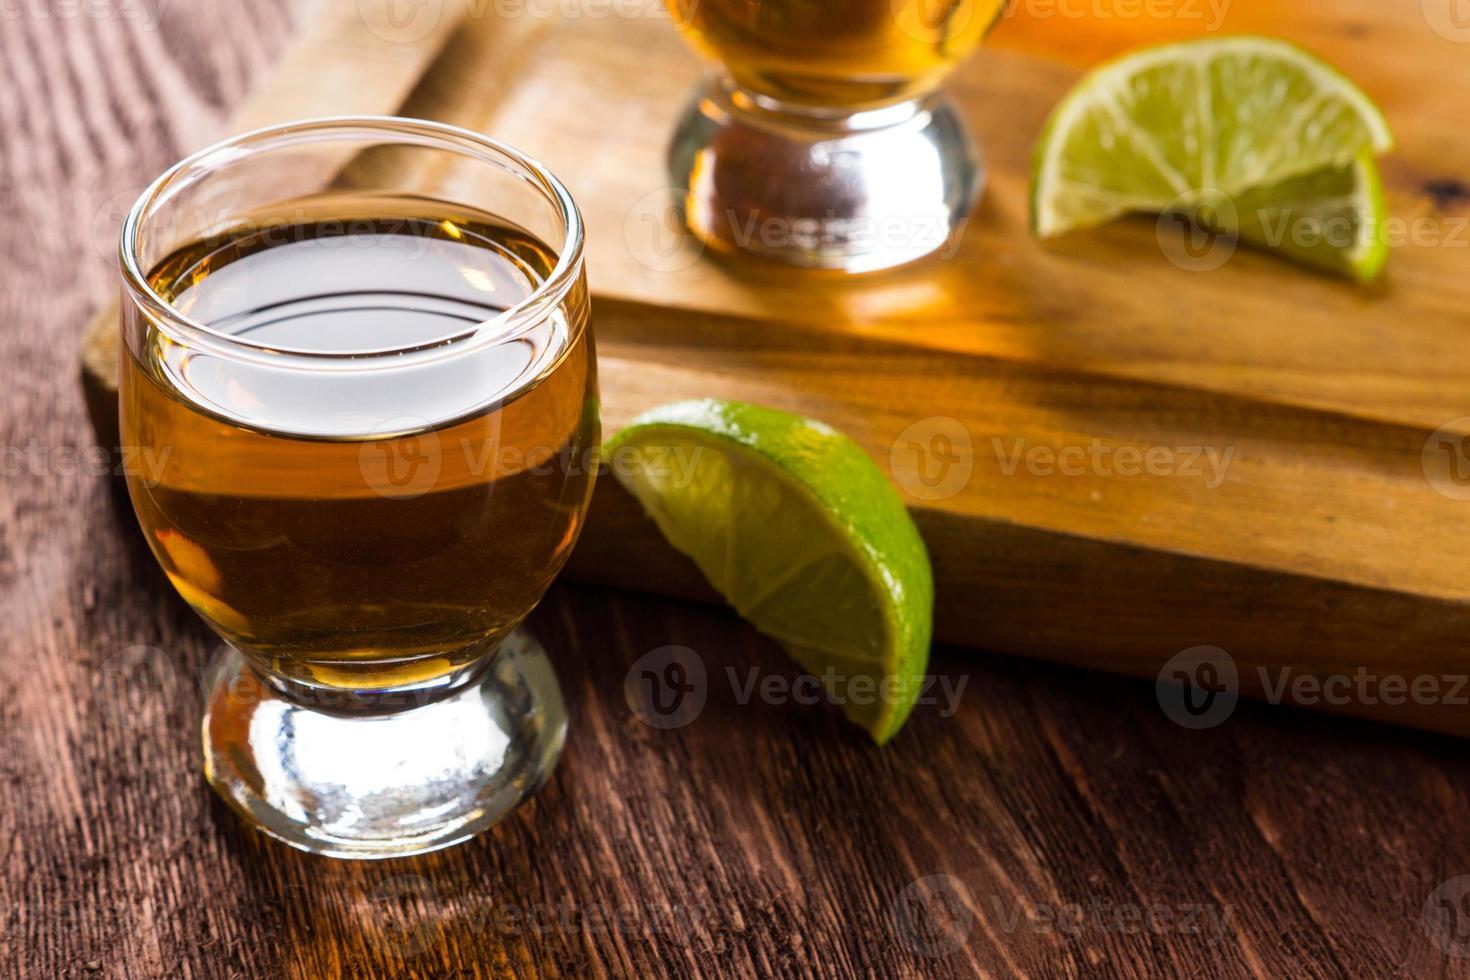 tequila dans des verres à liqueur au citron vert et sel photo